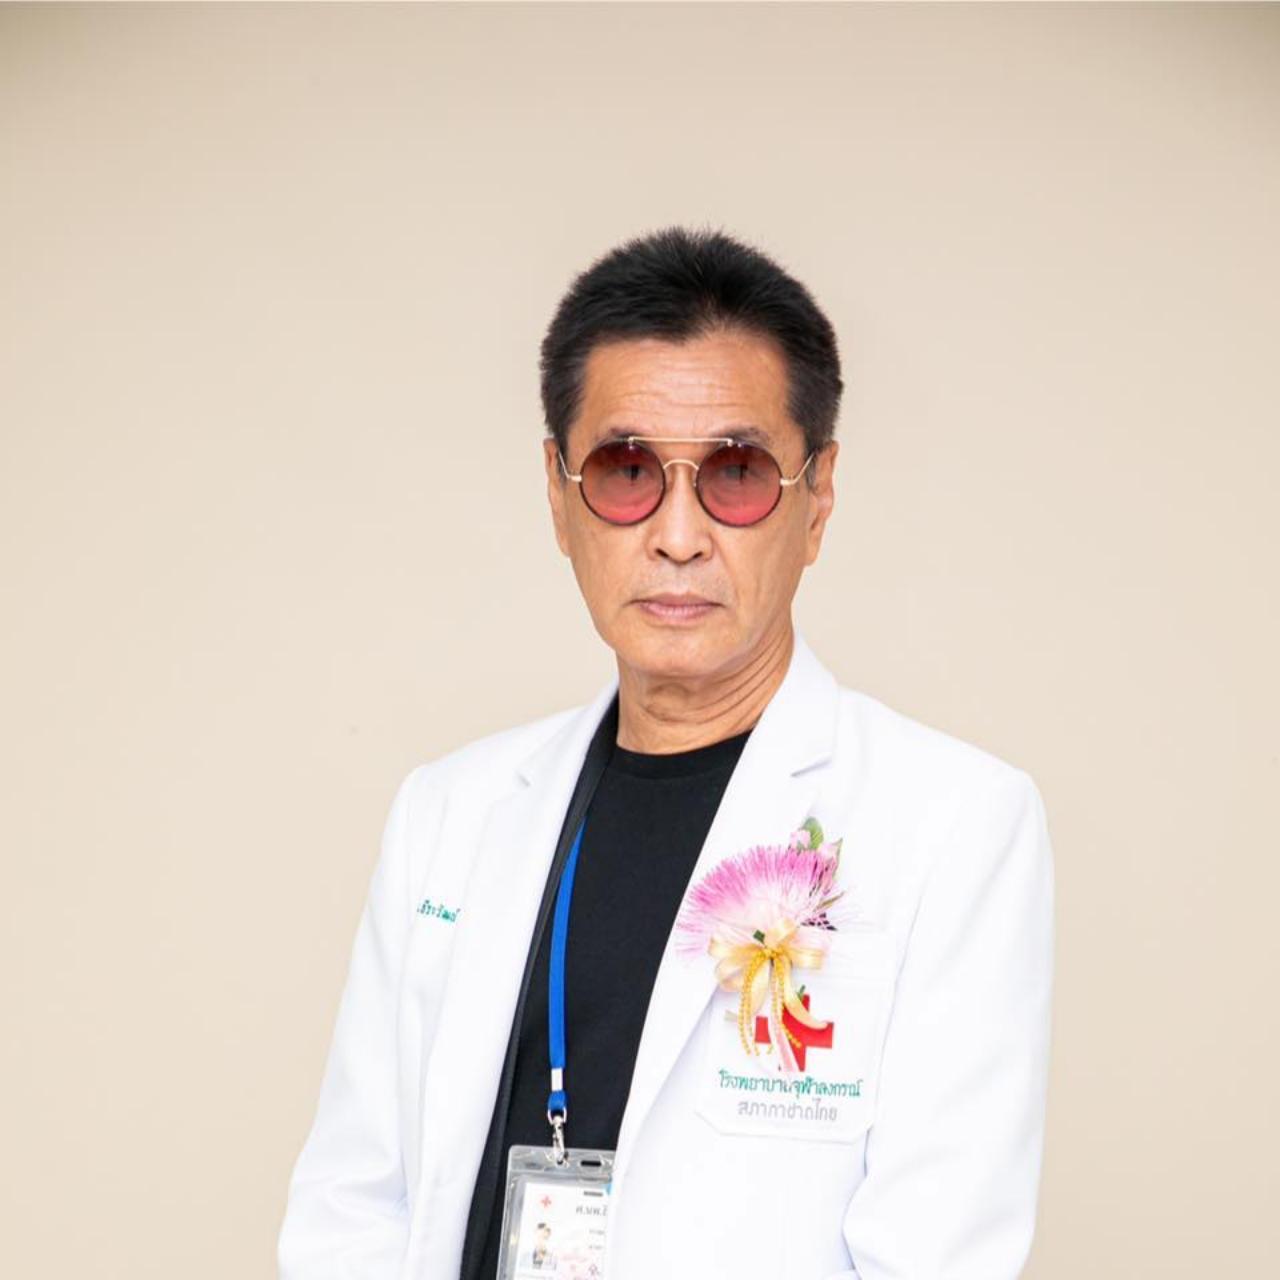 ศ.นพ.ธีระวัฒน์ เหมะจุฑา ผู้อำนวยการศูนย์วิทยาศาสตร์สุขภาพโรคอุบัติใหม่ โรงพยาบาลจุฬาลงกรณ์ สภากาชาดไทย